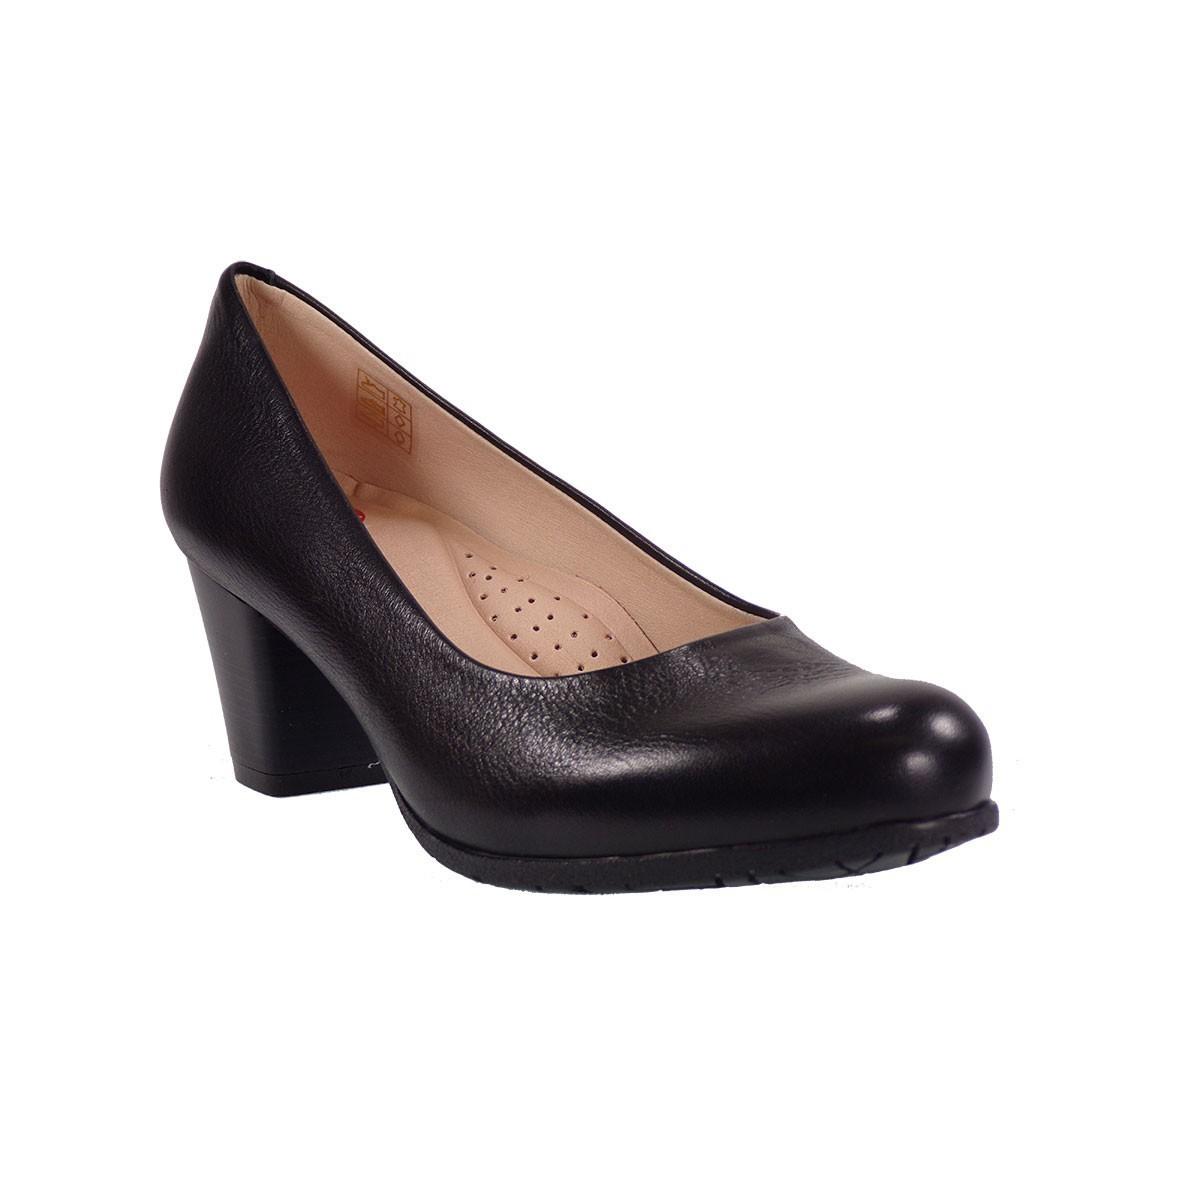 PEPE MENARGUES SHOES Γυναικεία Παπούτσια 6700 Μαύρο Δέρμα